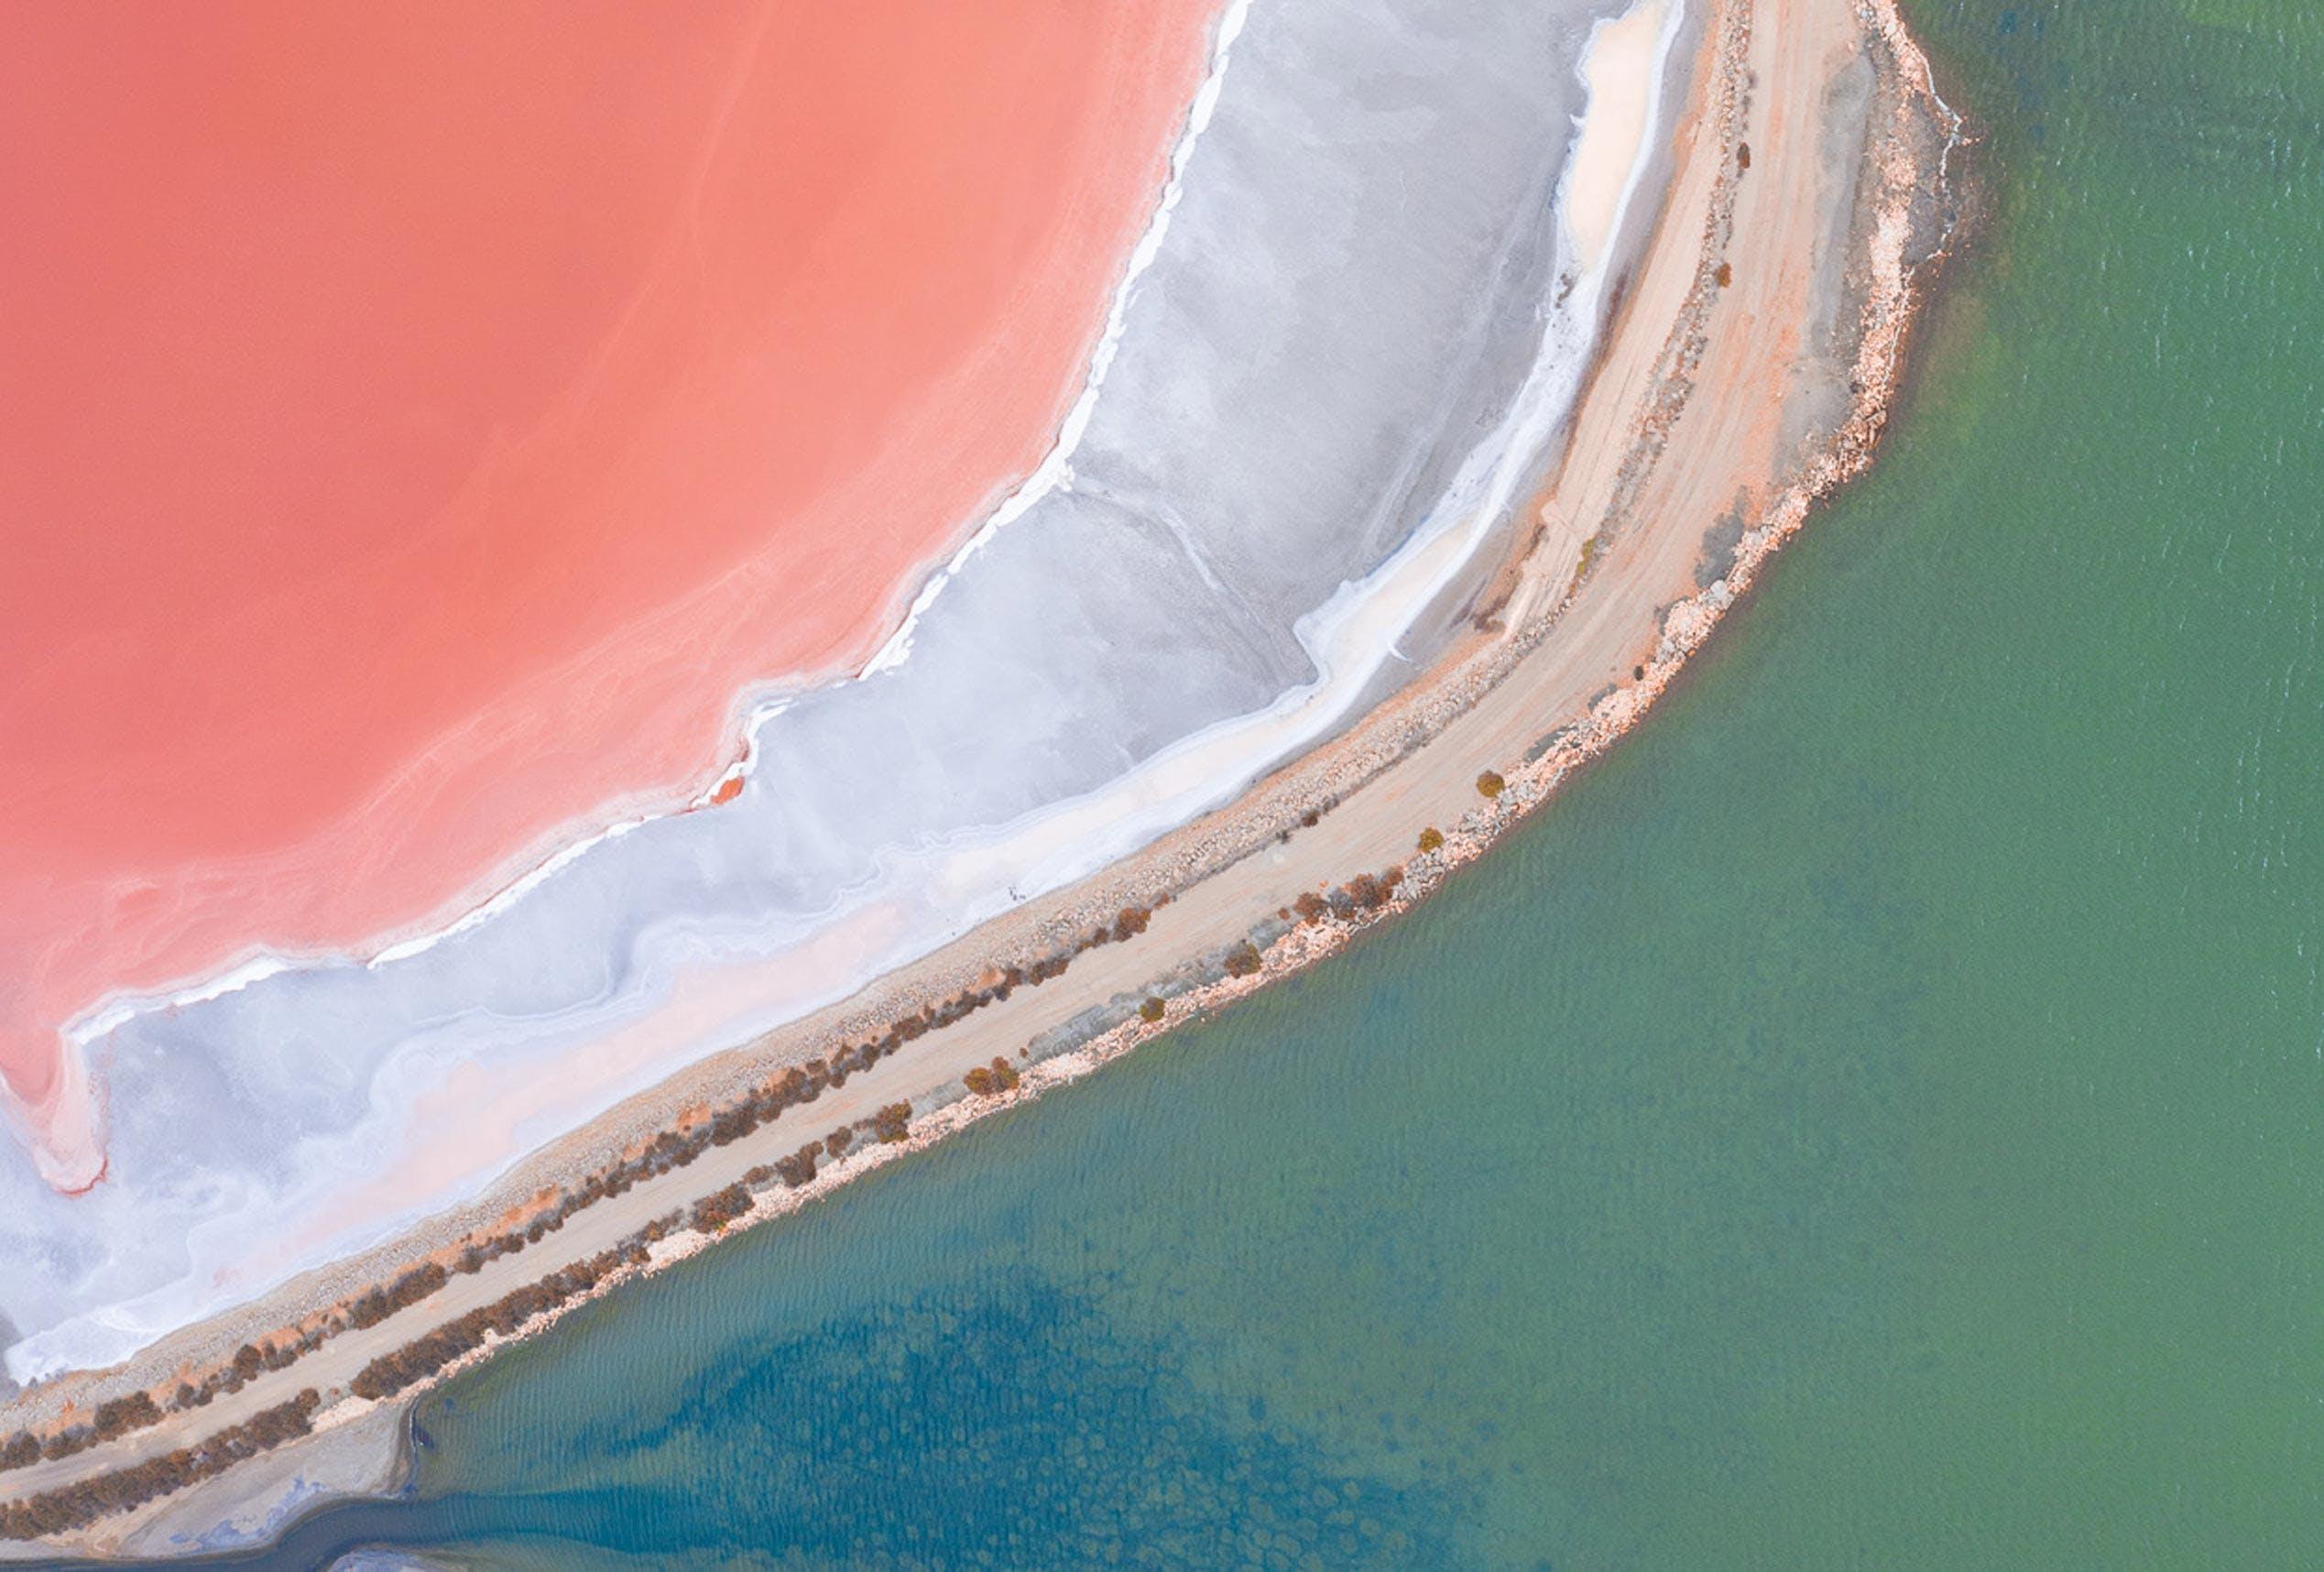 Aigues-Mortes Salt Marsh